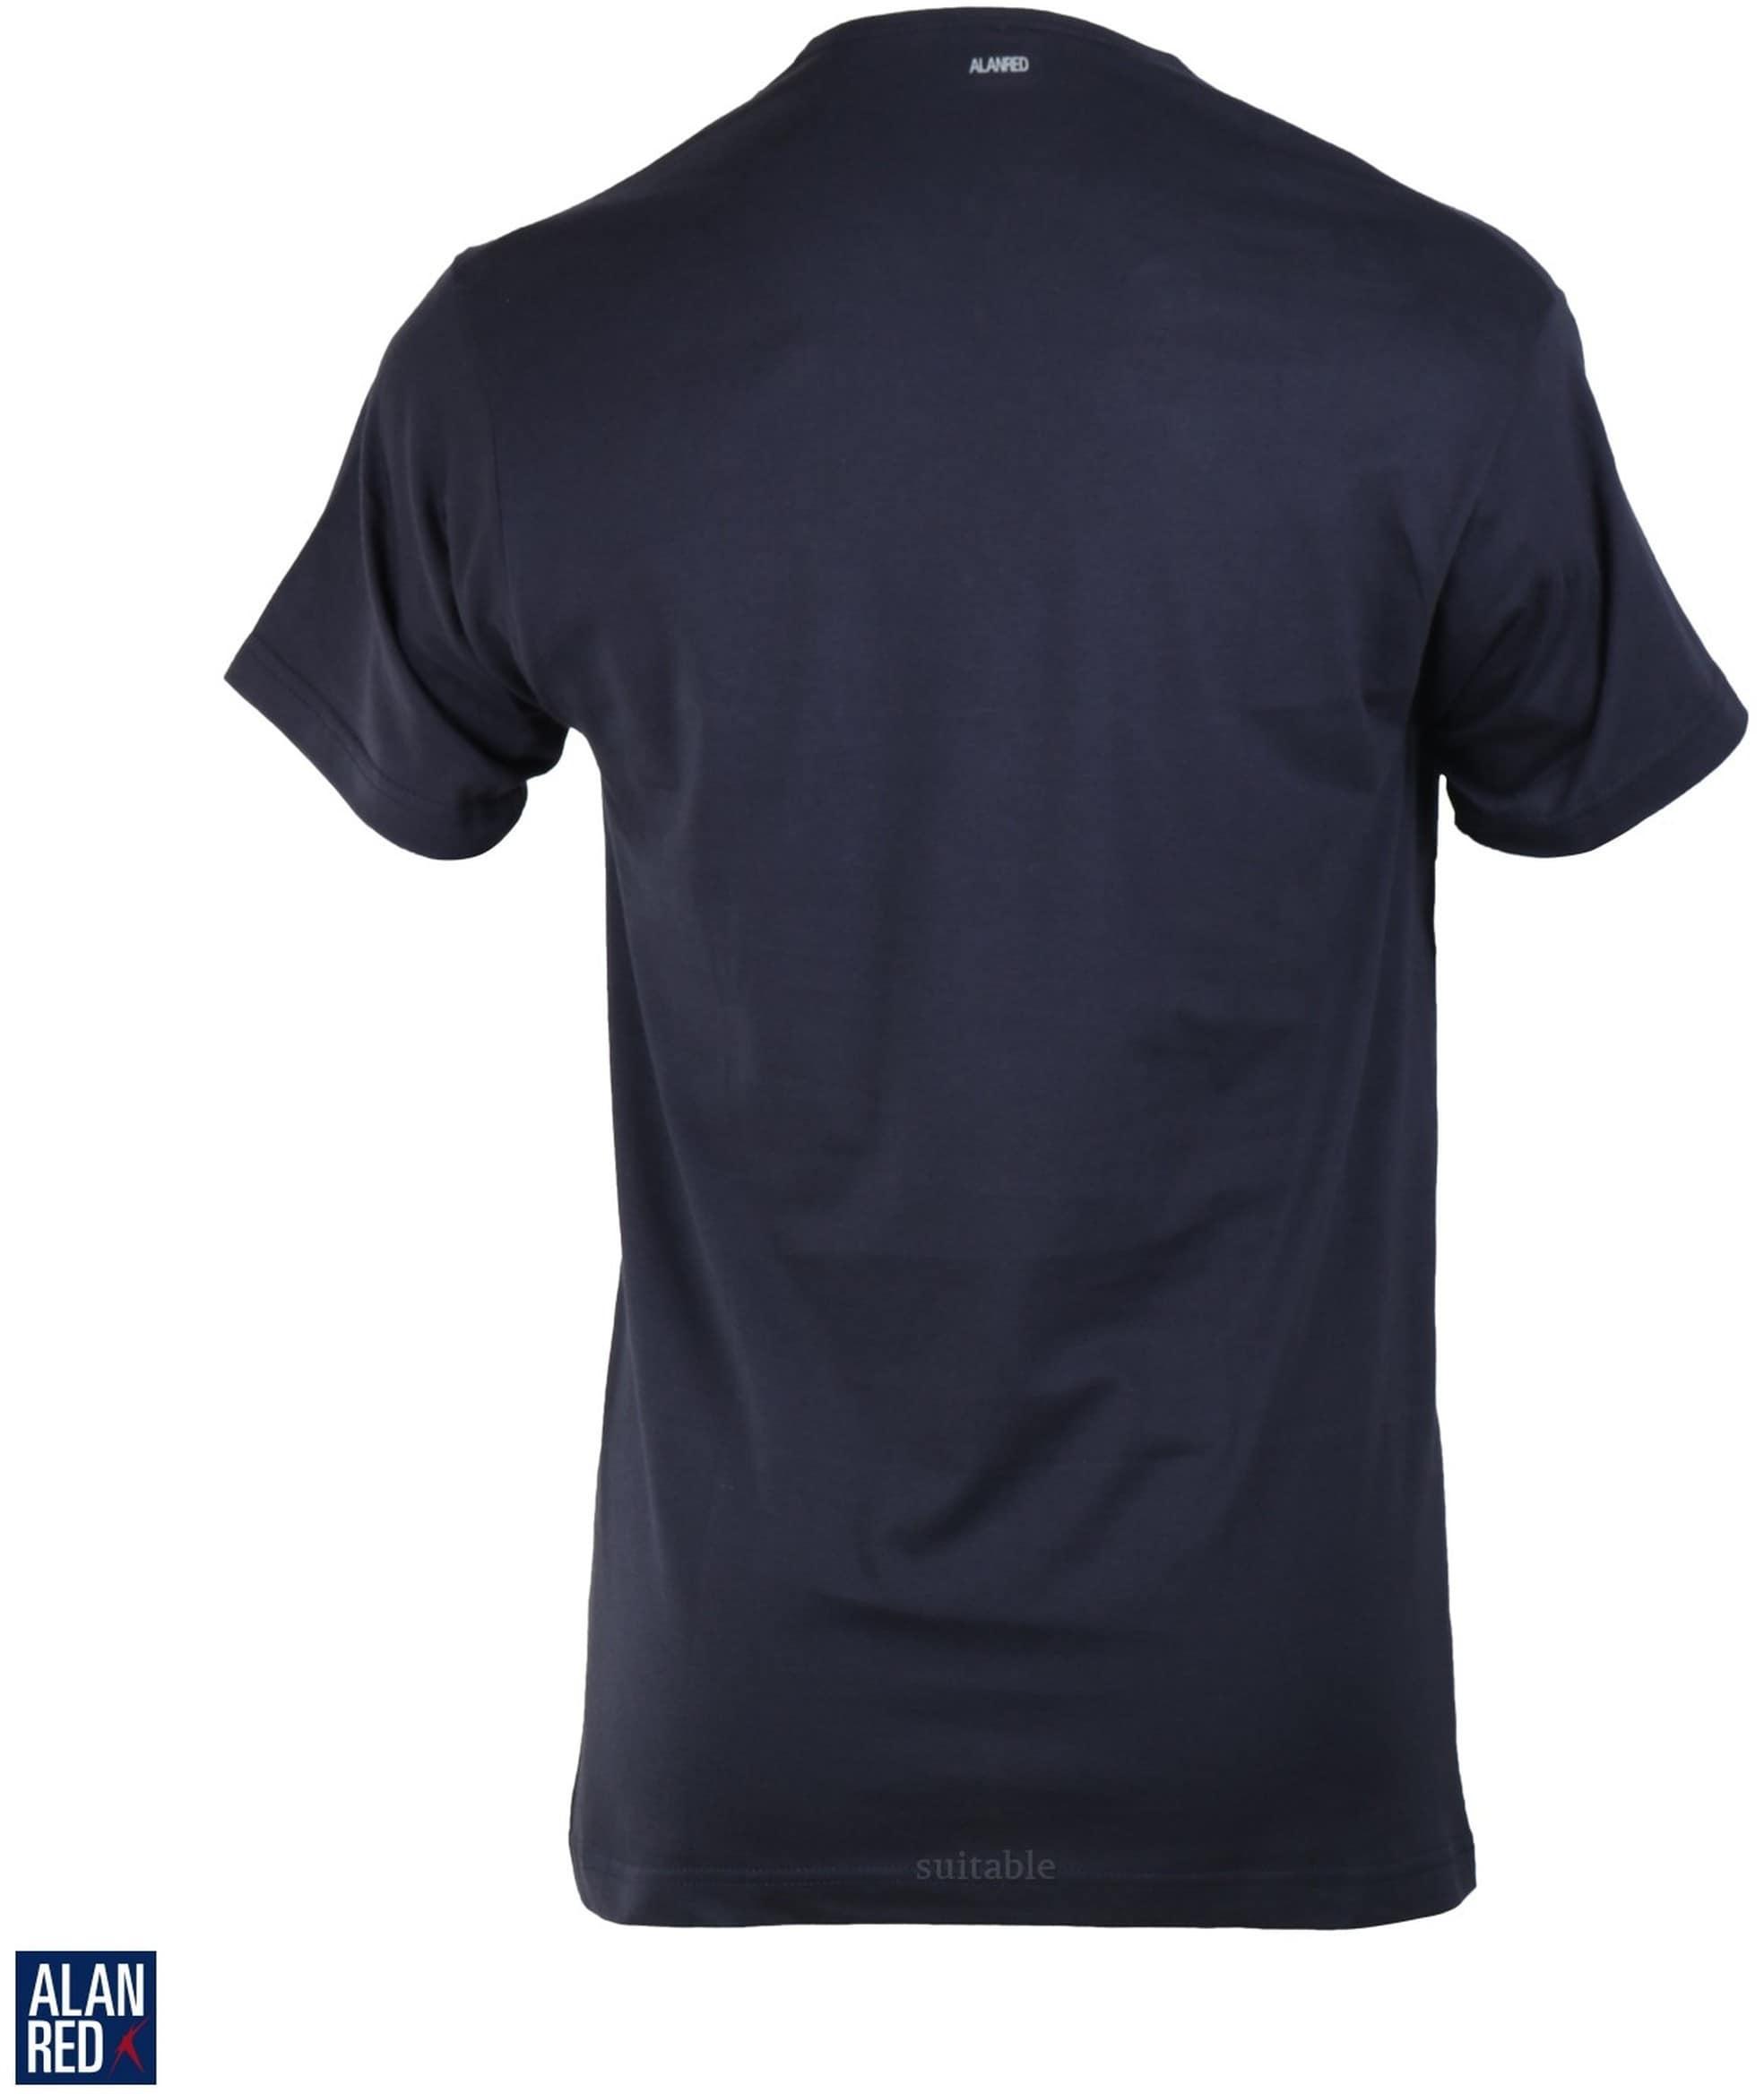 Alan Red T-Shirt V-Ausschnitt Vermont Navy (1er-Pack) foto 1